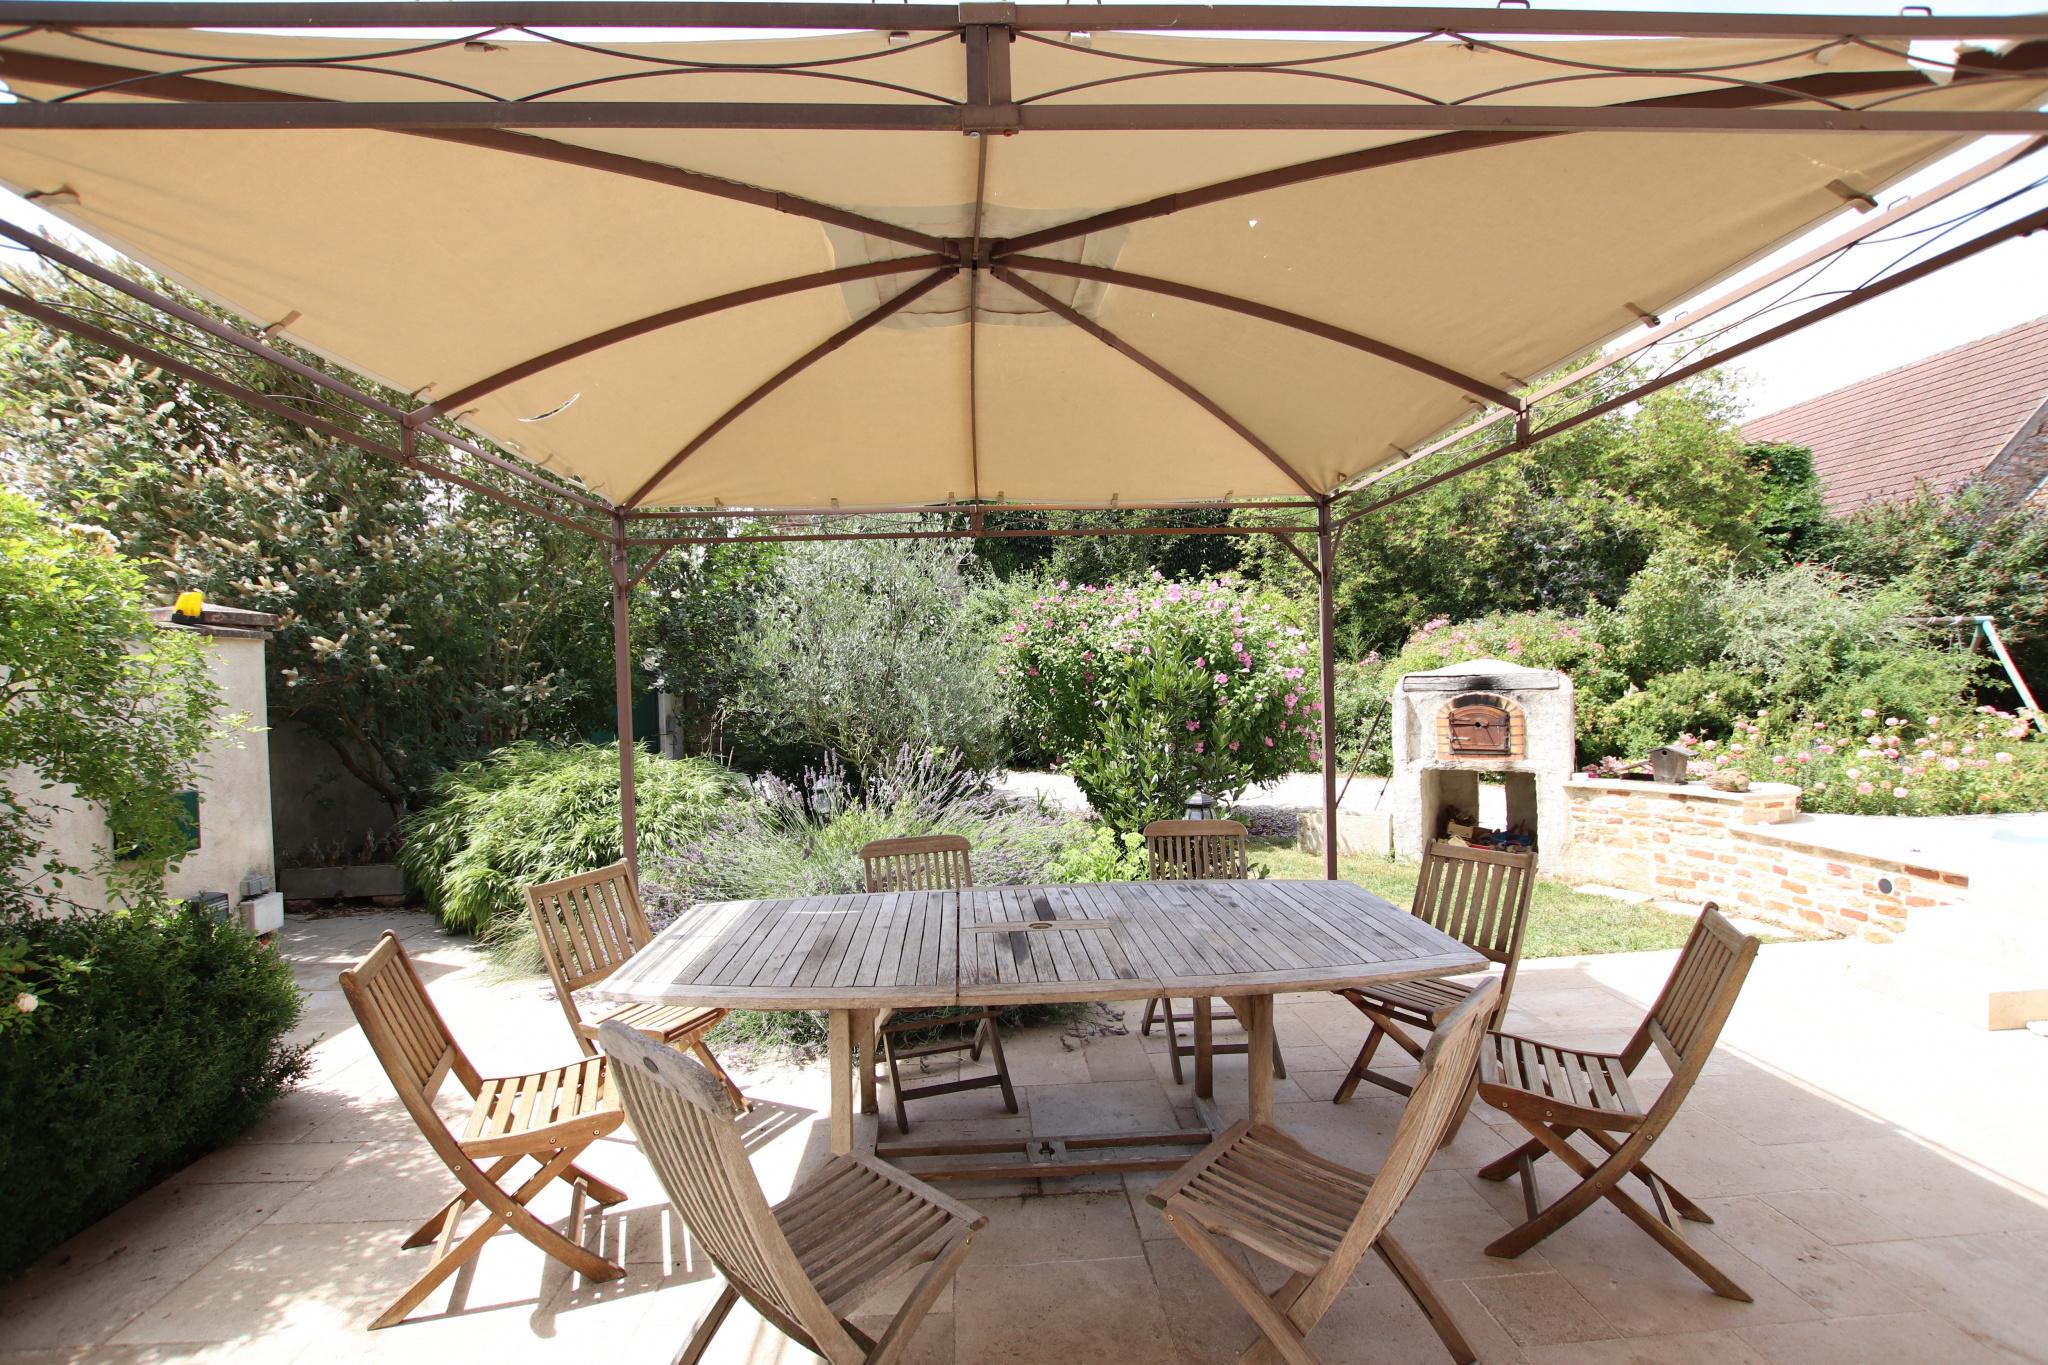 Vente maison/villa argilly Nuits st Georges